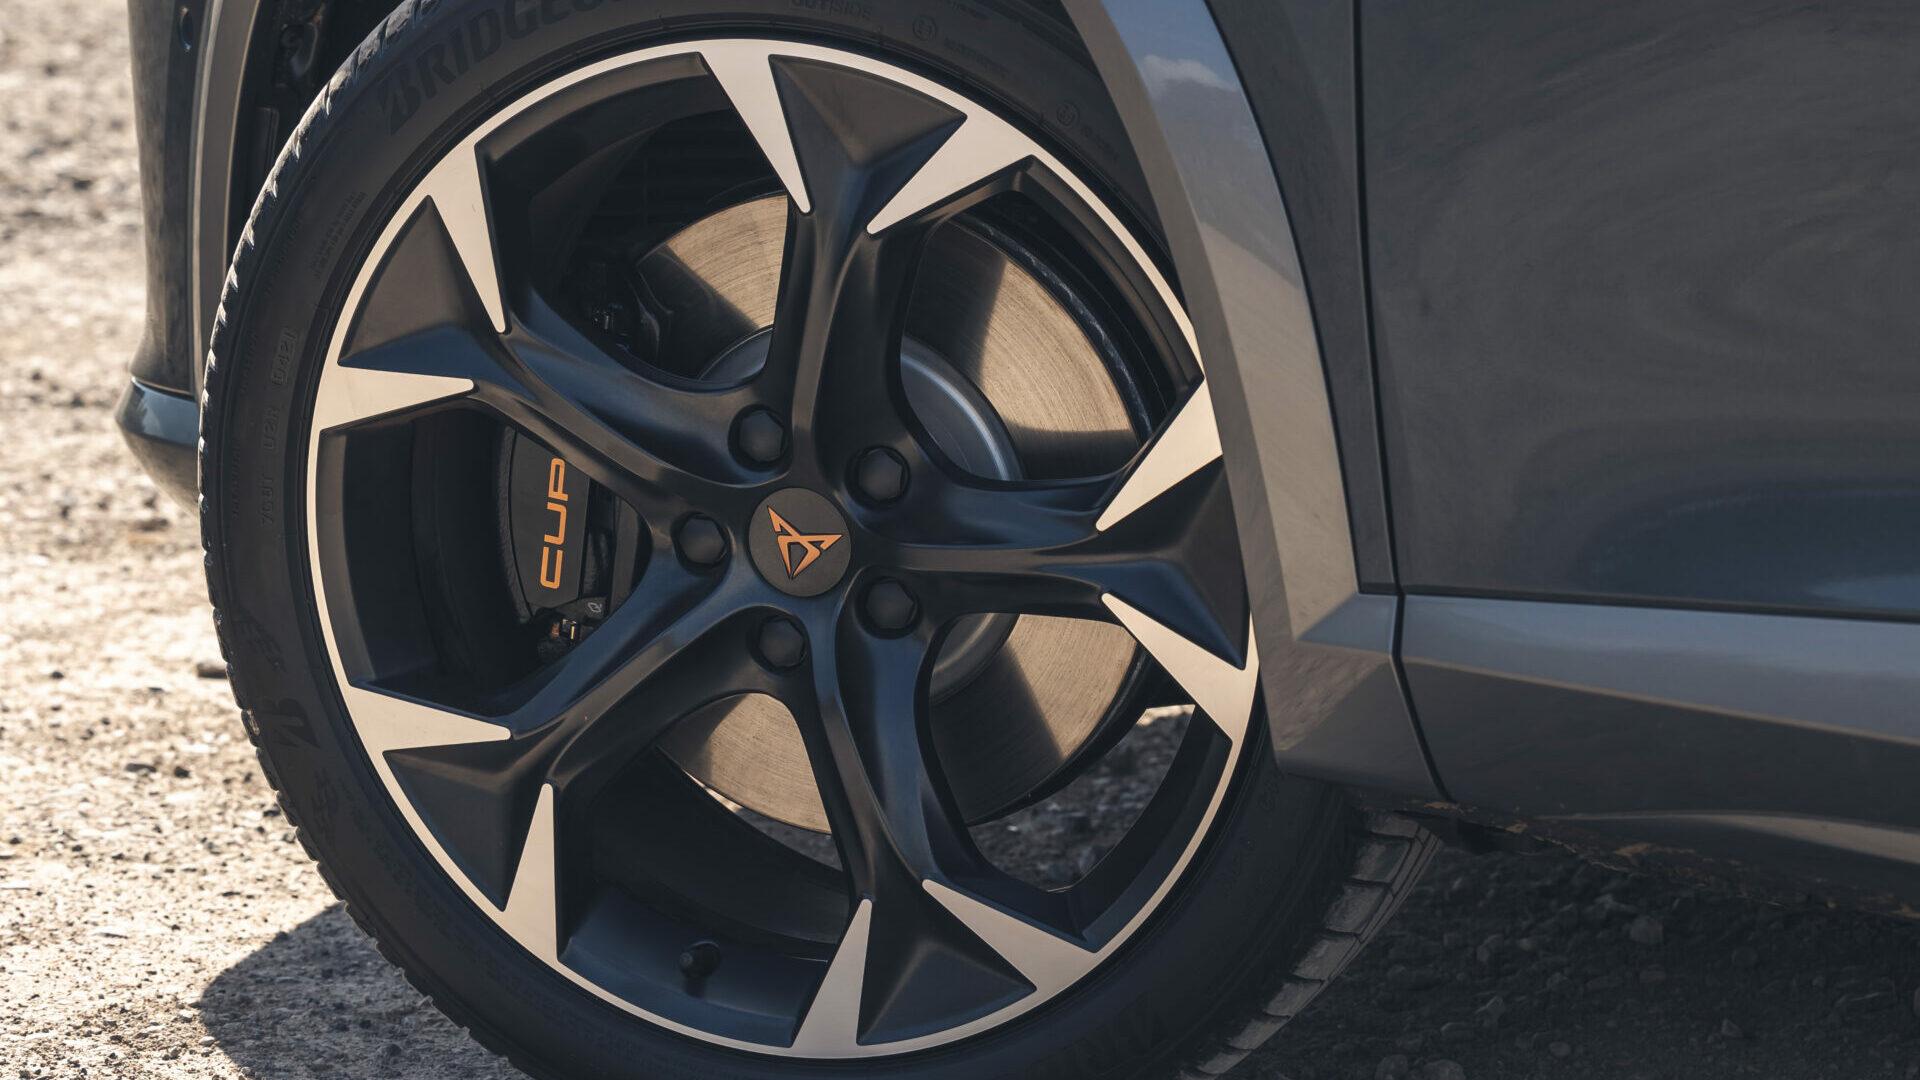 ¿Me aconsejáis cambiar los neumáticos por unos de menor medida?